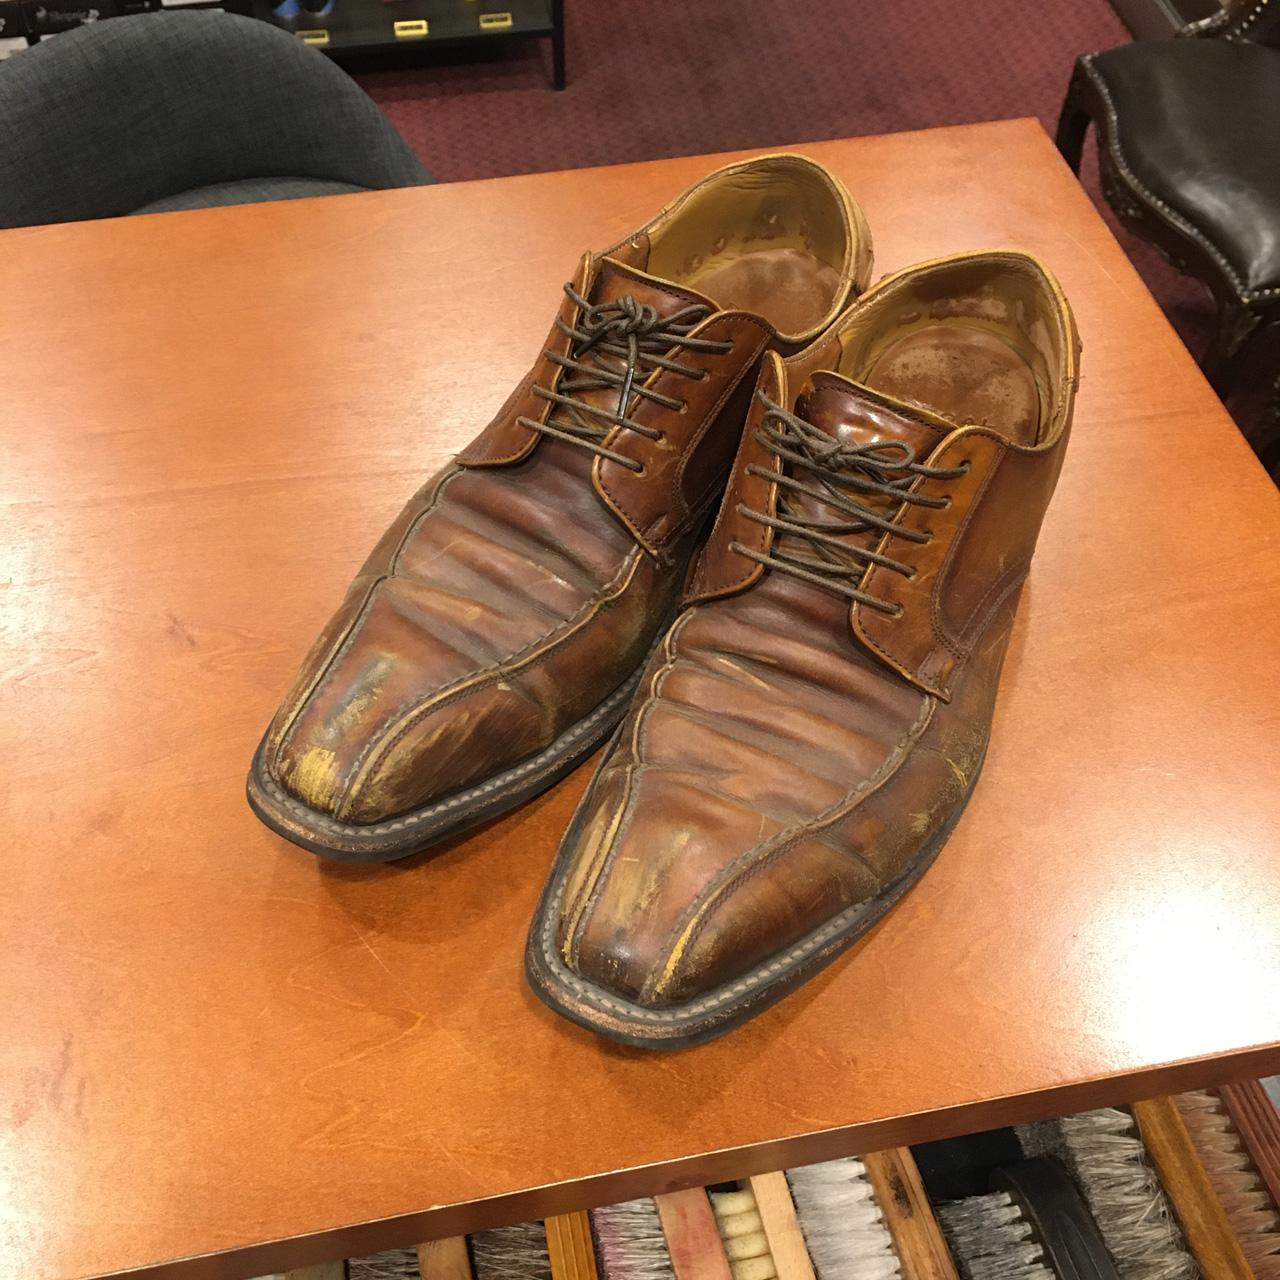 乾燥・擦れ・色抜けがあるリーガルの靴を復活させました